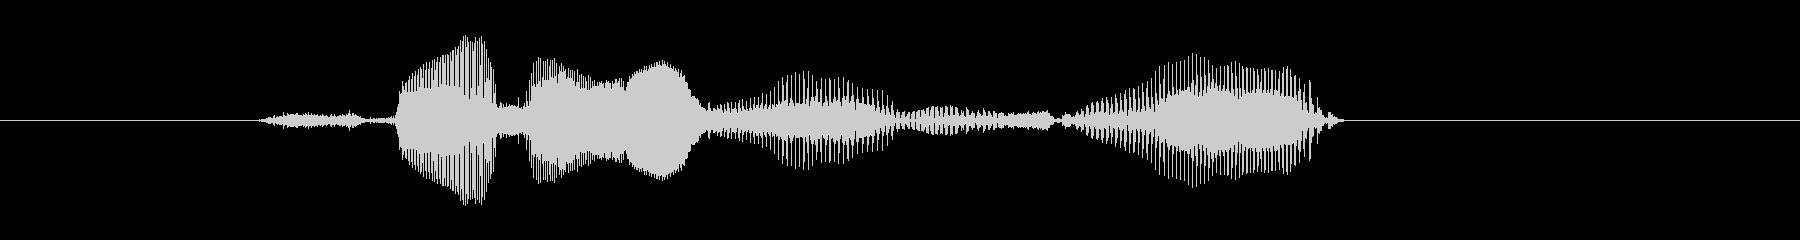 相談料無料の未再生の波形